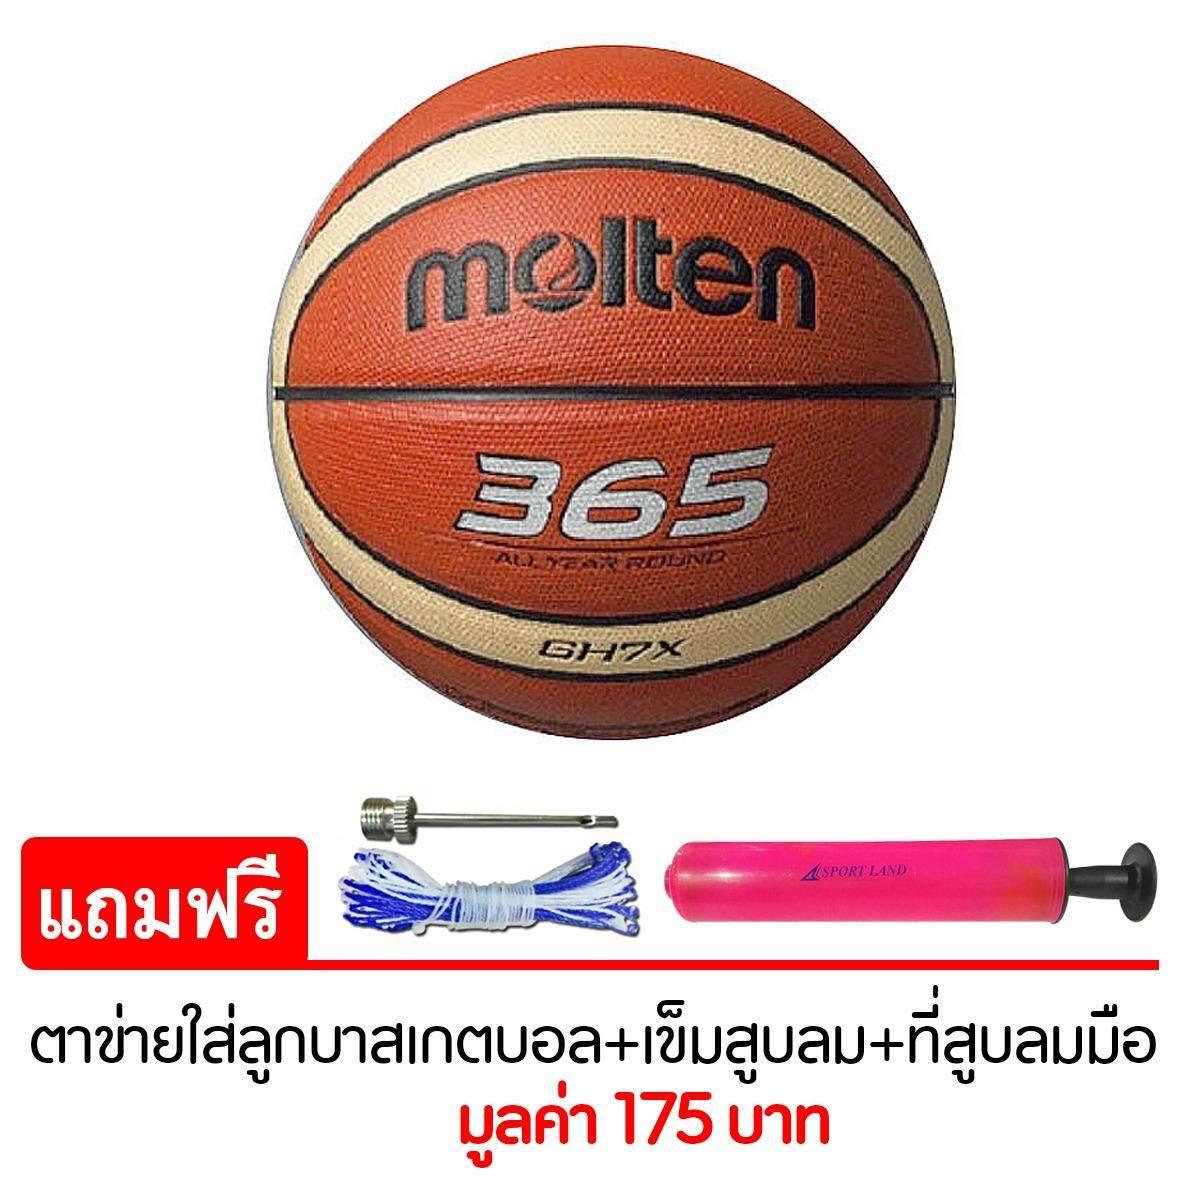 ซื้อ Molten บาสเก็ตบอล หนัง มอลเทน Basketball Pvc Bgh7X เบอร์ 7 แถมฟรี ตาข่ายใส่ลูกบาสเกตบอล เข็มสูบสูบลม สูบมือ Spl รุ่น Sl6 สีชมพู ออนไลน์